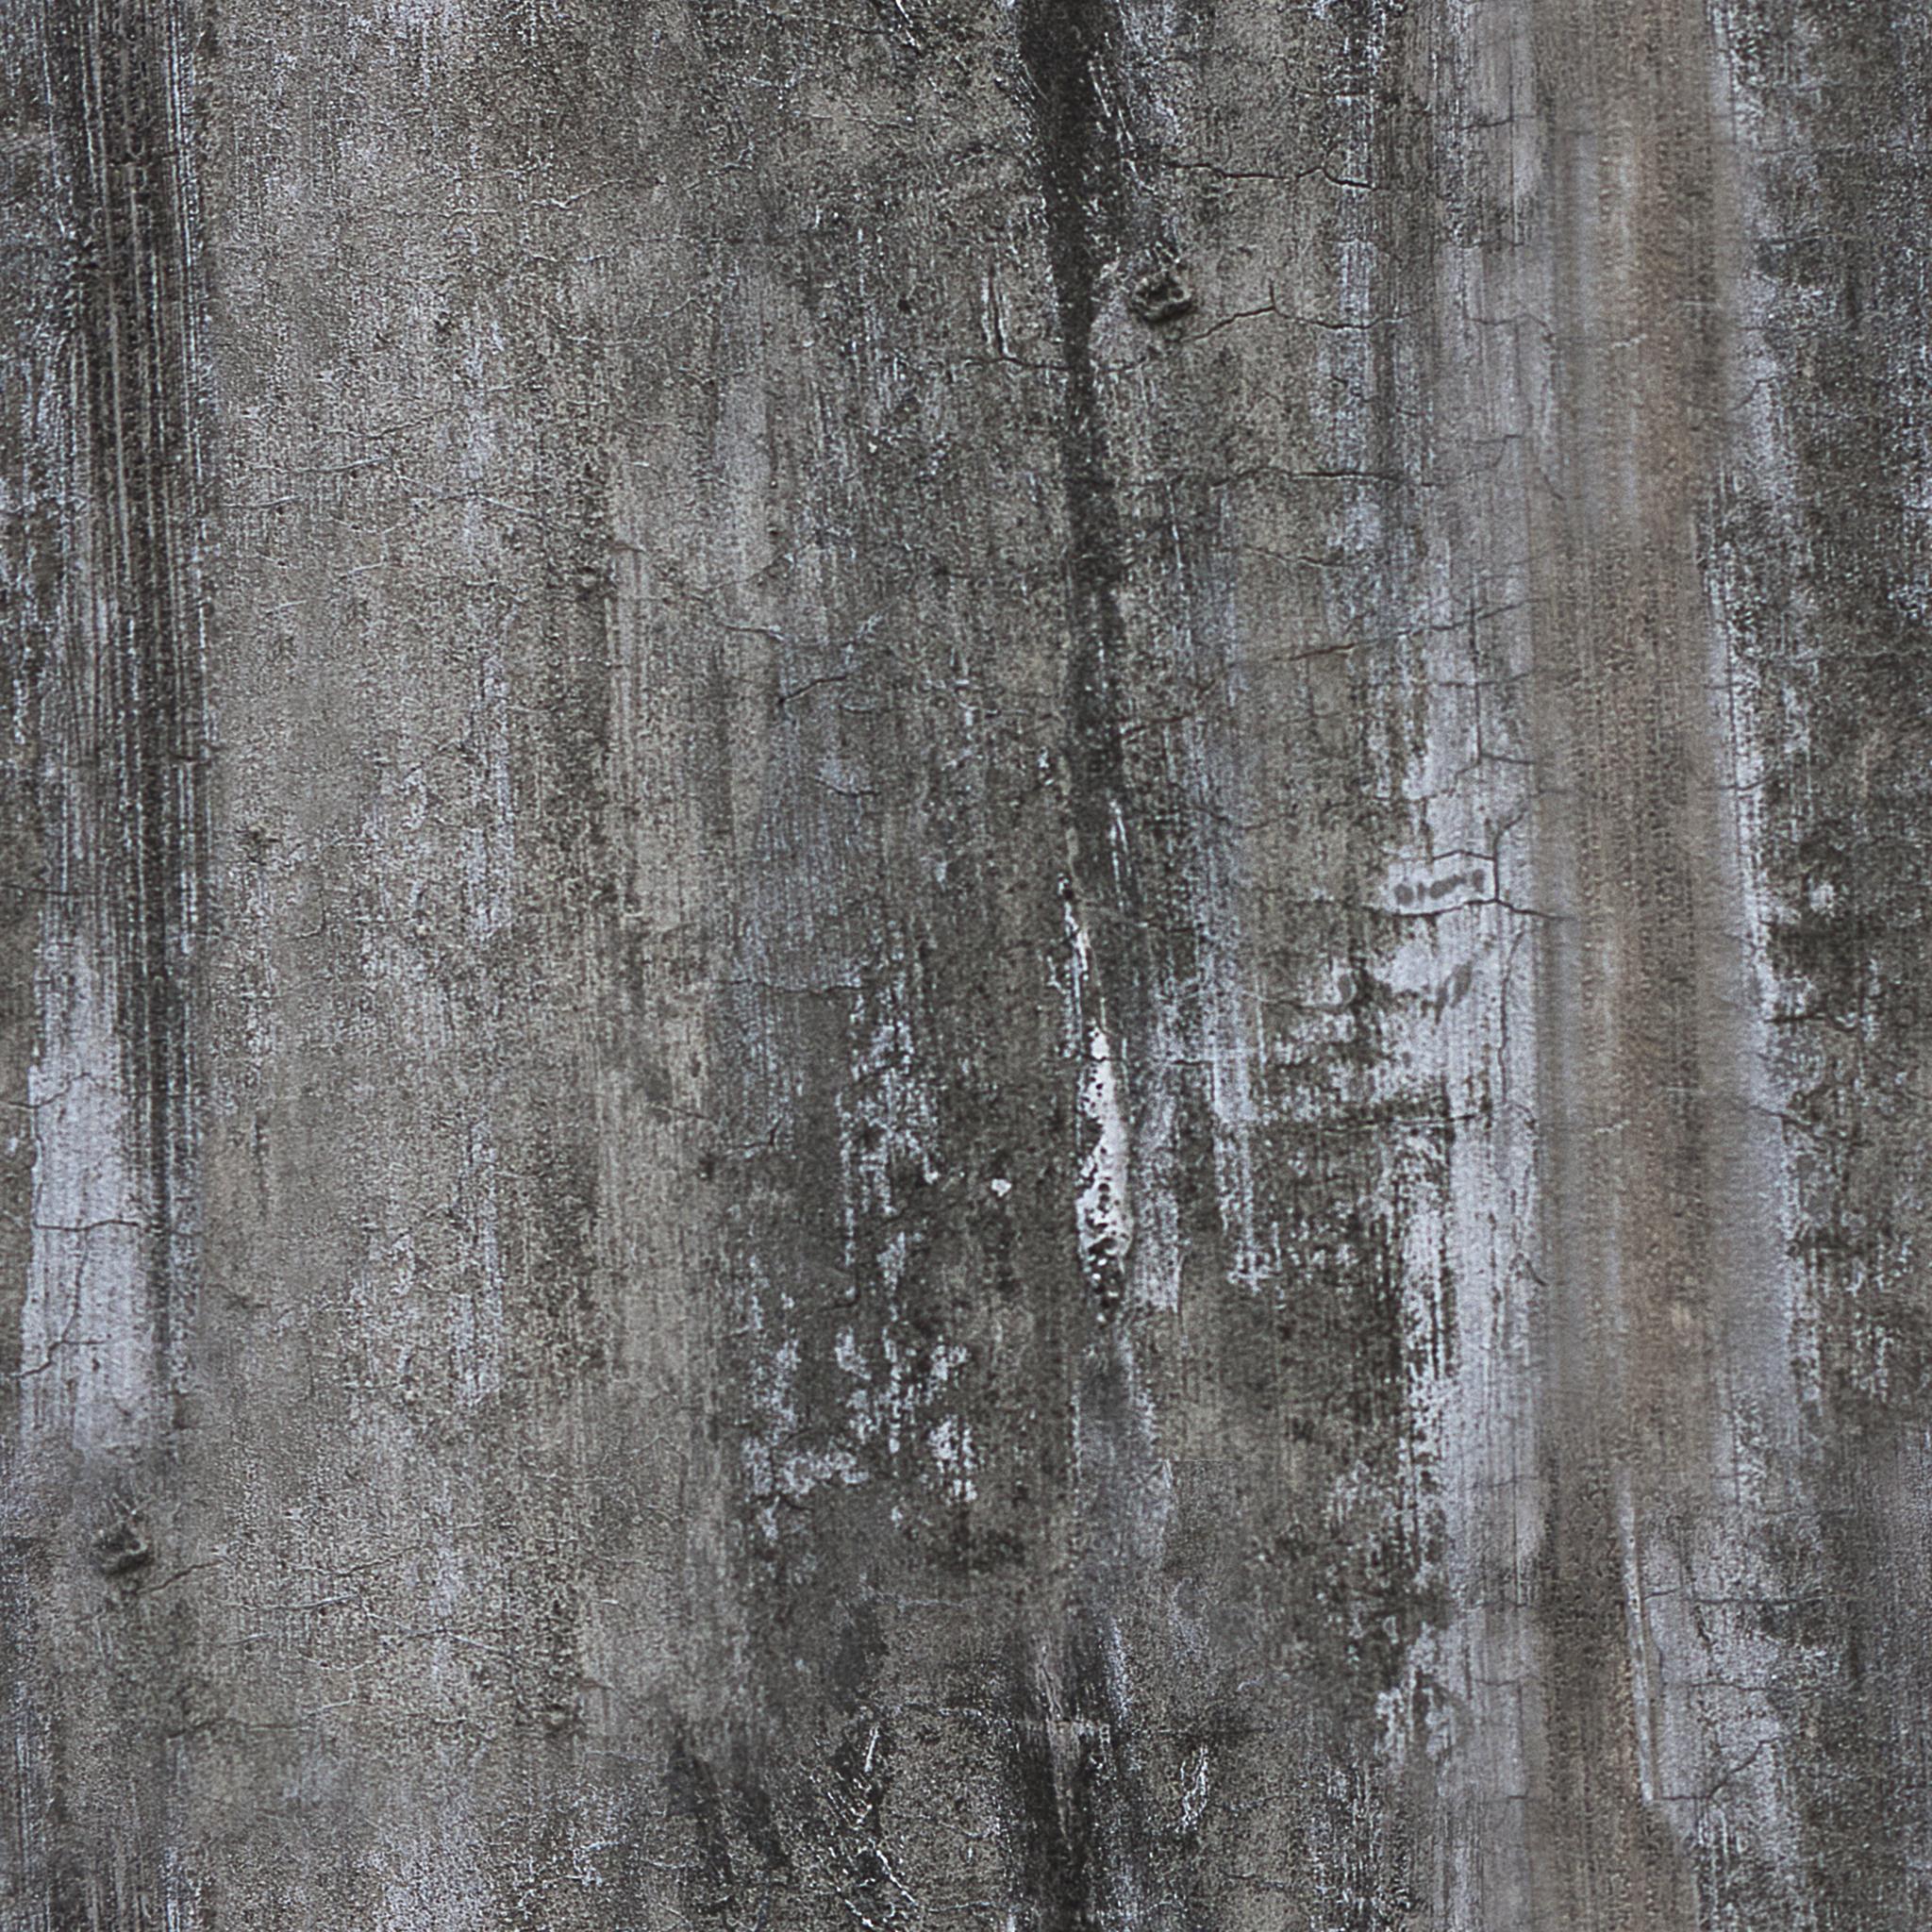 Dark Damaged Concrete  .jpg